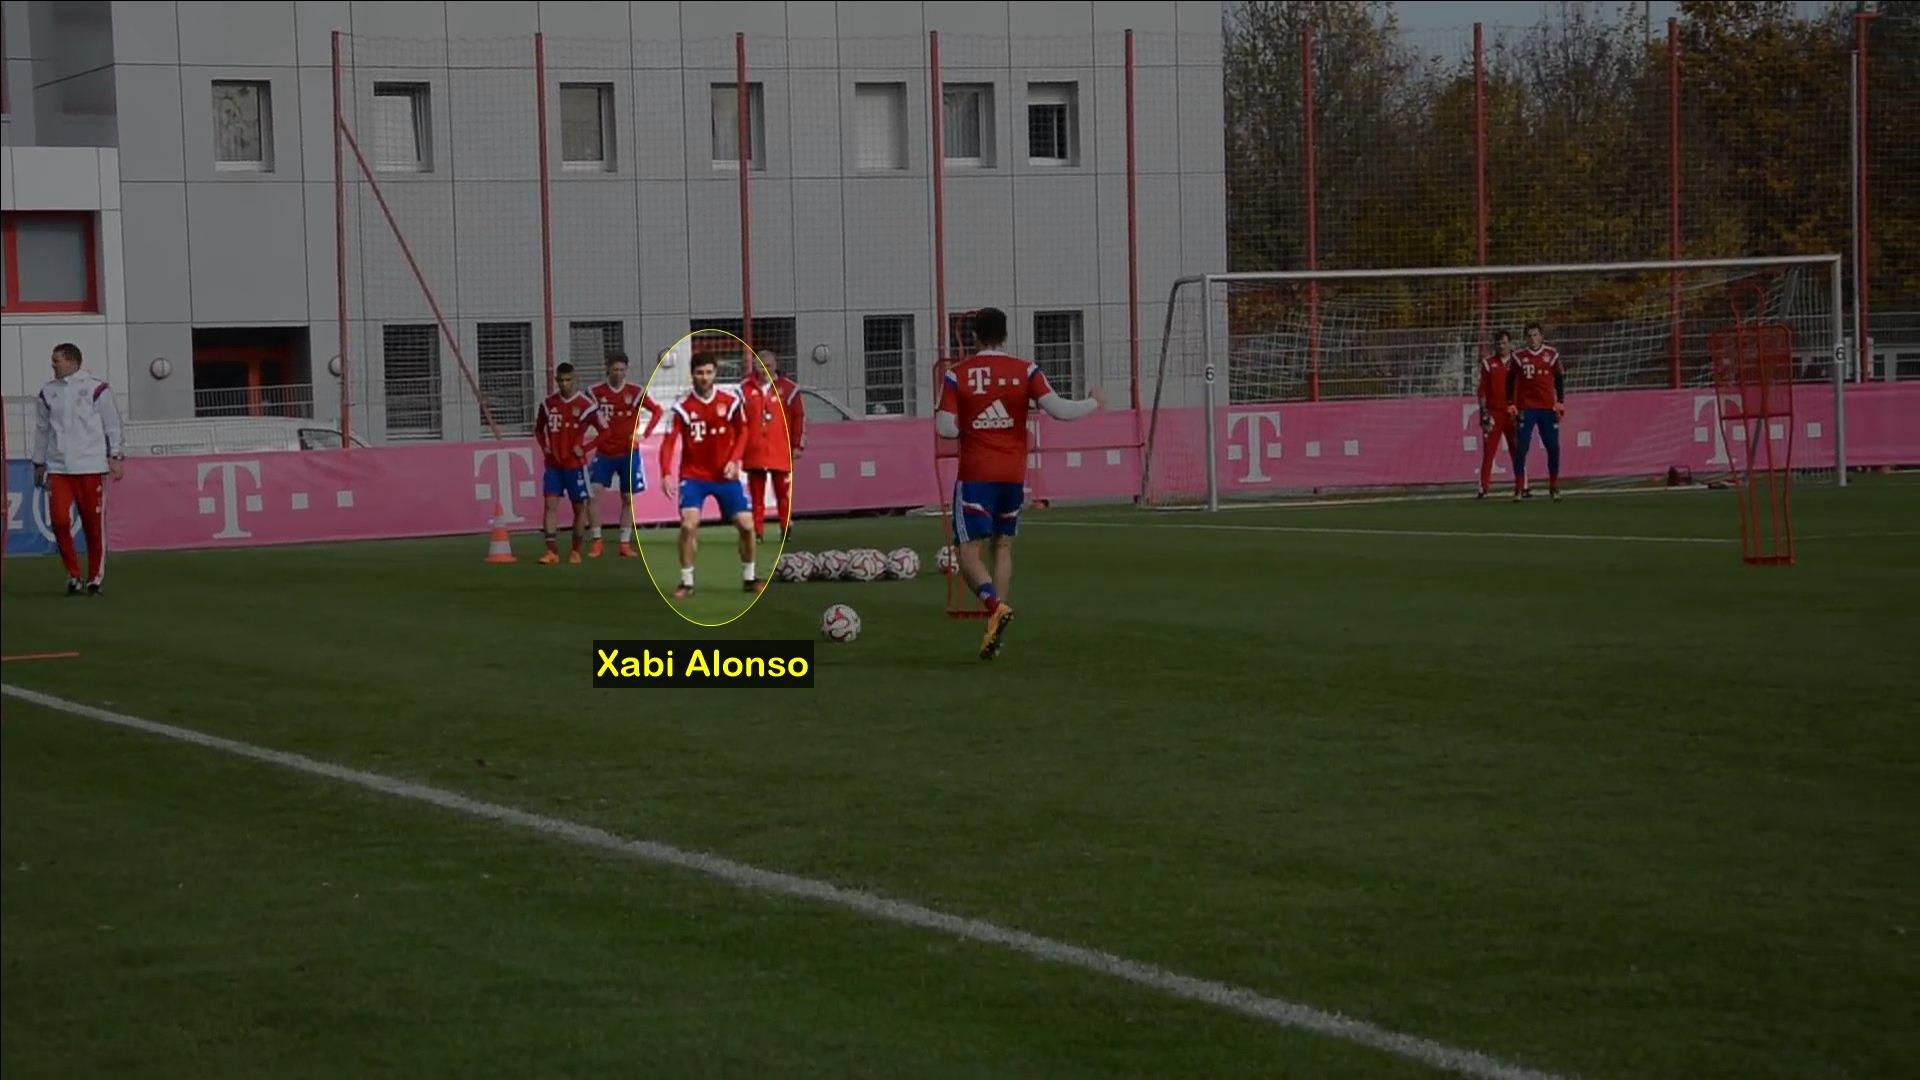 Xabi Alonso entrenando en un circuito en el Bayern Munich